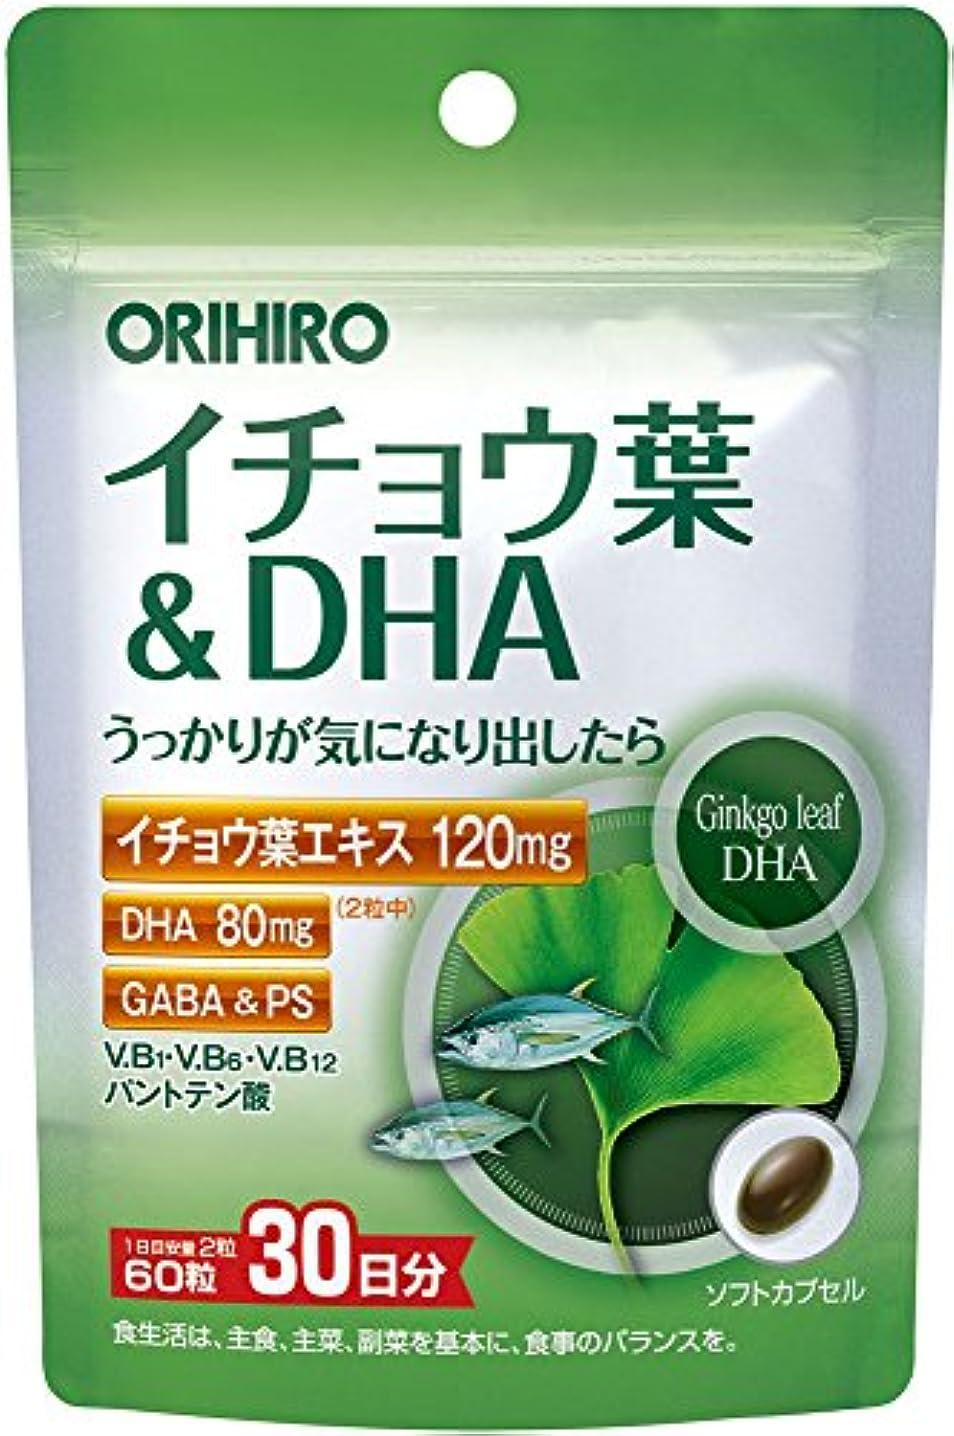 玉ボス小切手オリヒロ PD イチョウ葉&DHA